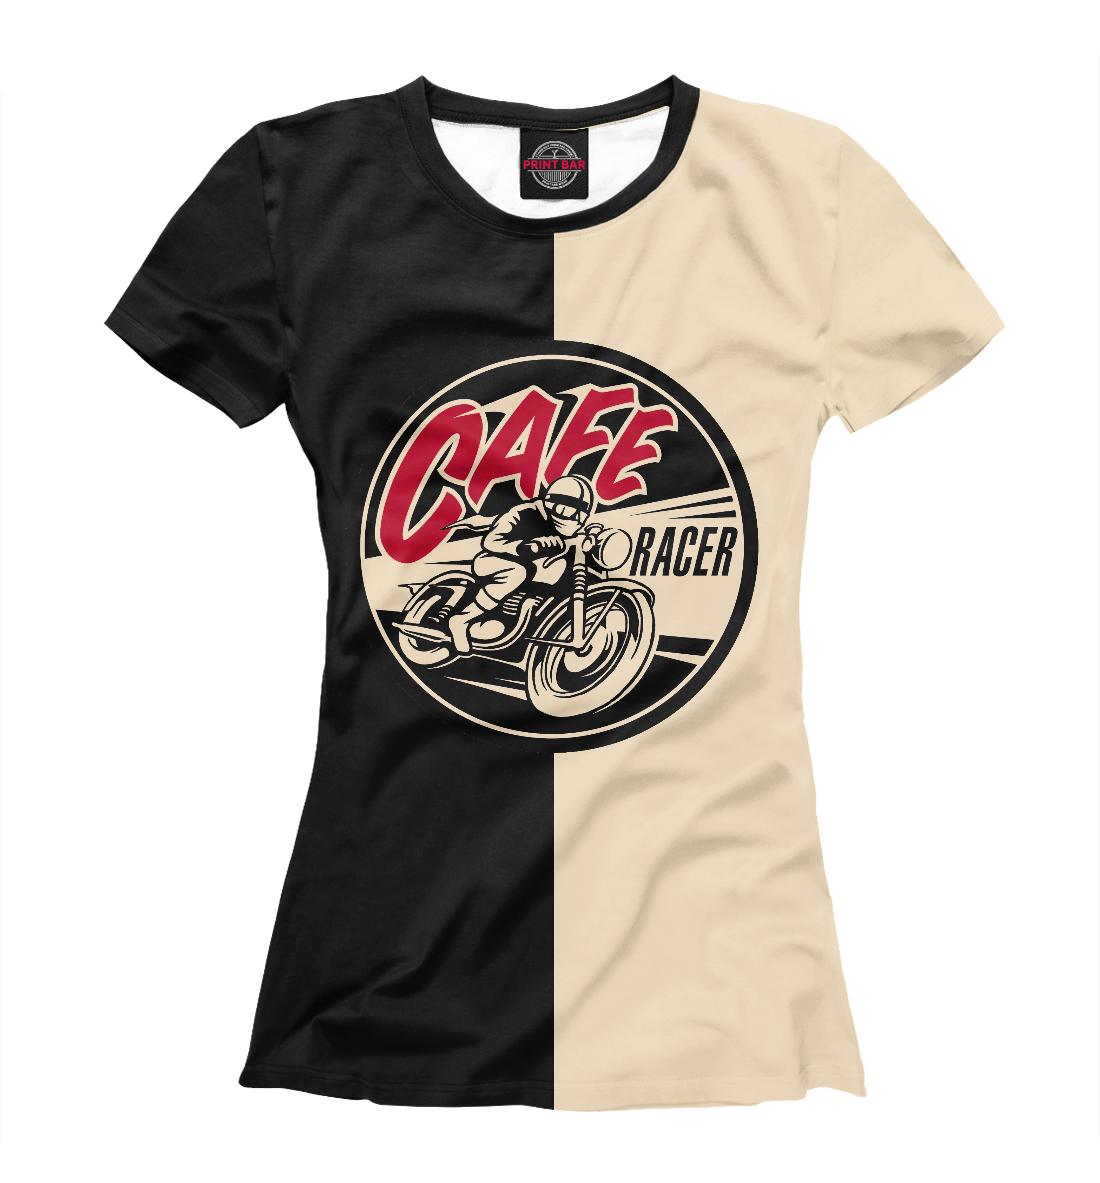 Купить Cafe Racer, Printbar, Футболки, MTR-178968-fut-1